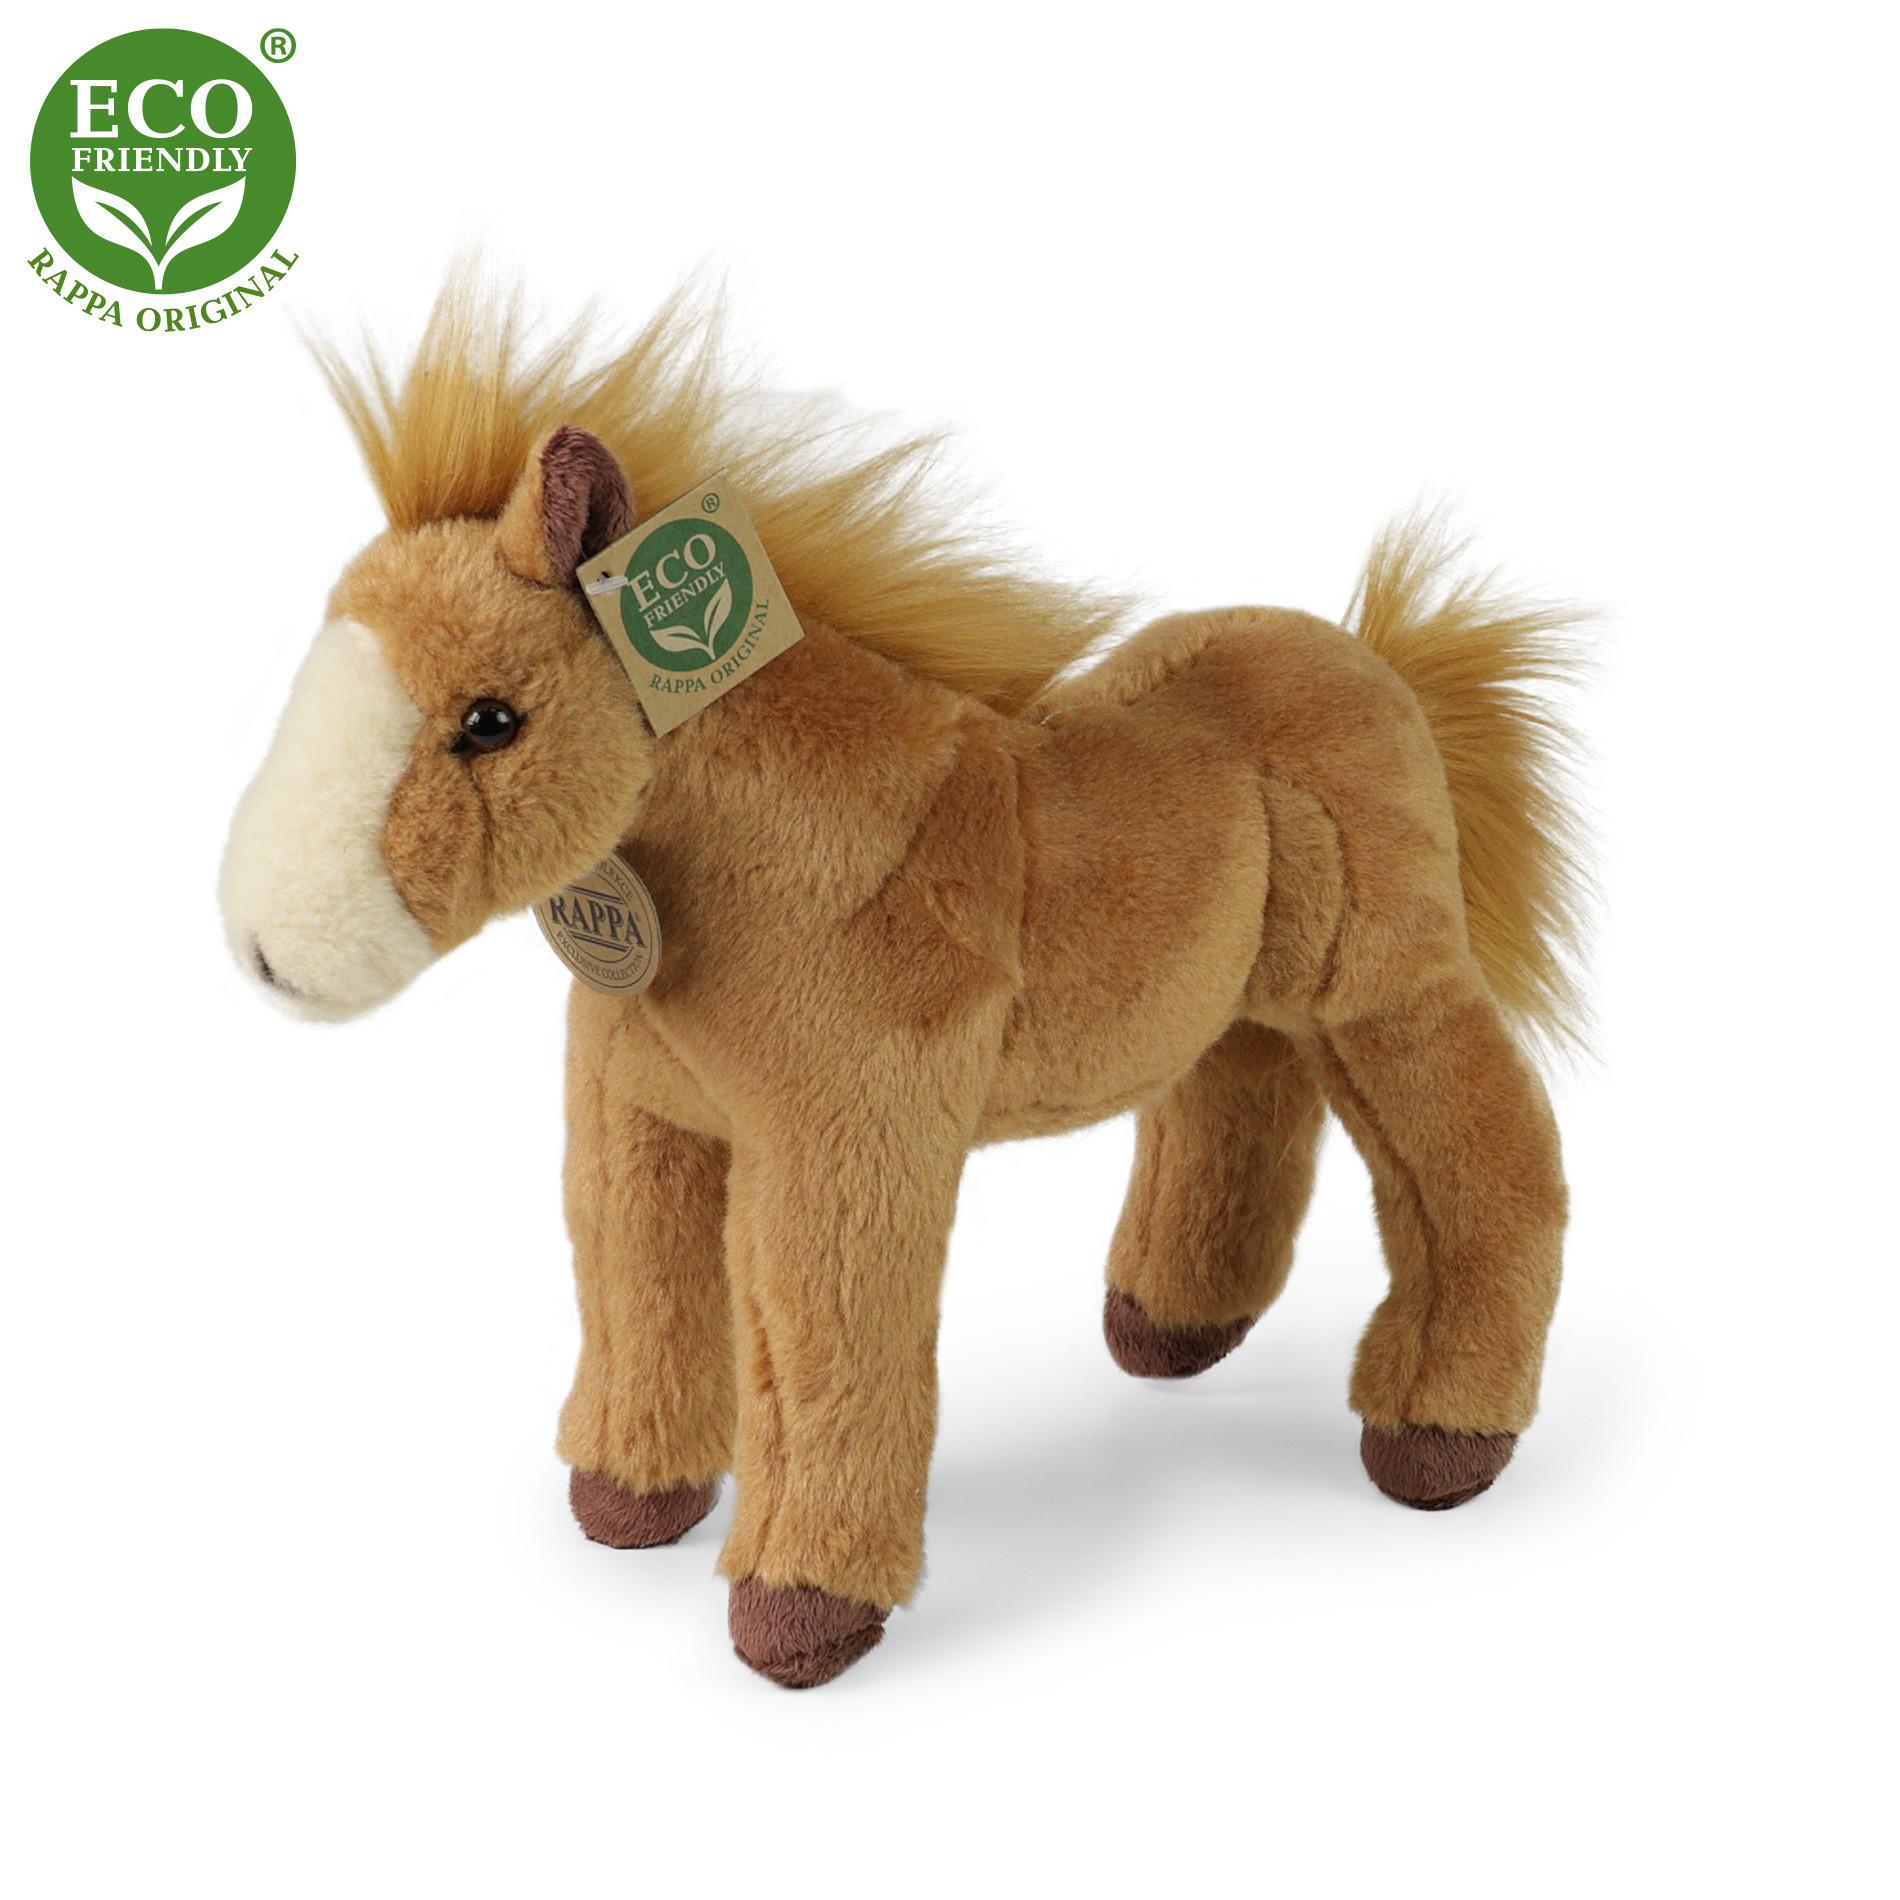 Plyšový kůň stojící světle hnědý 28 cm ECO-FRIENDLY